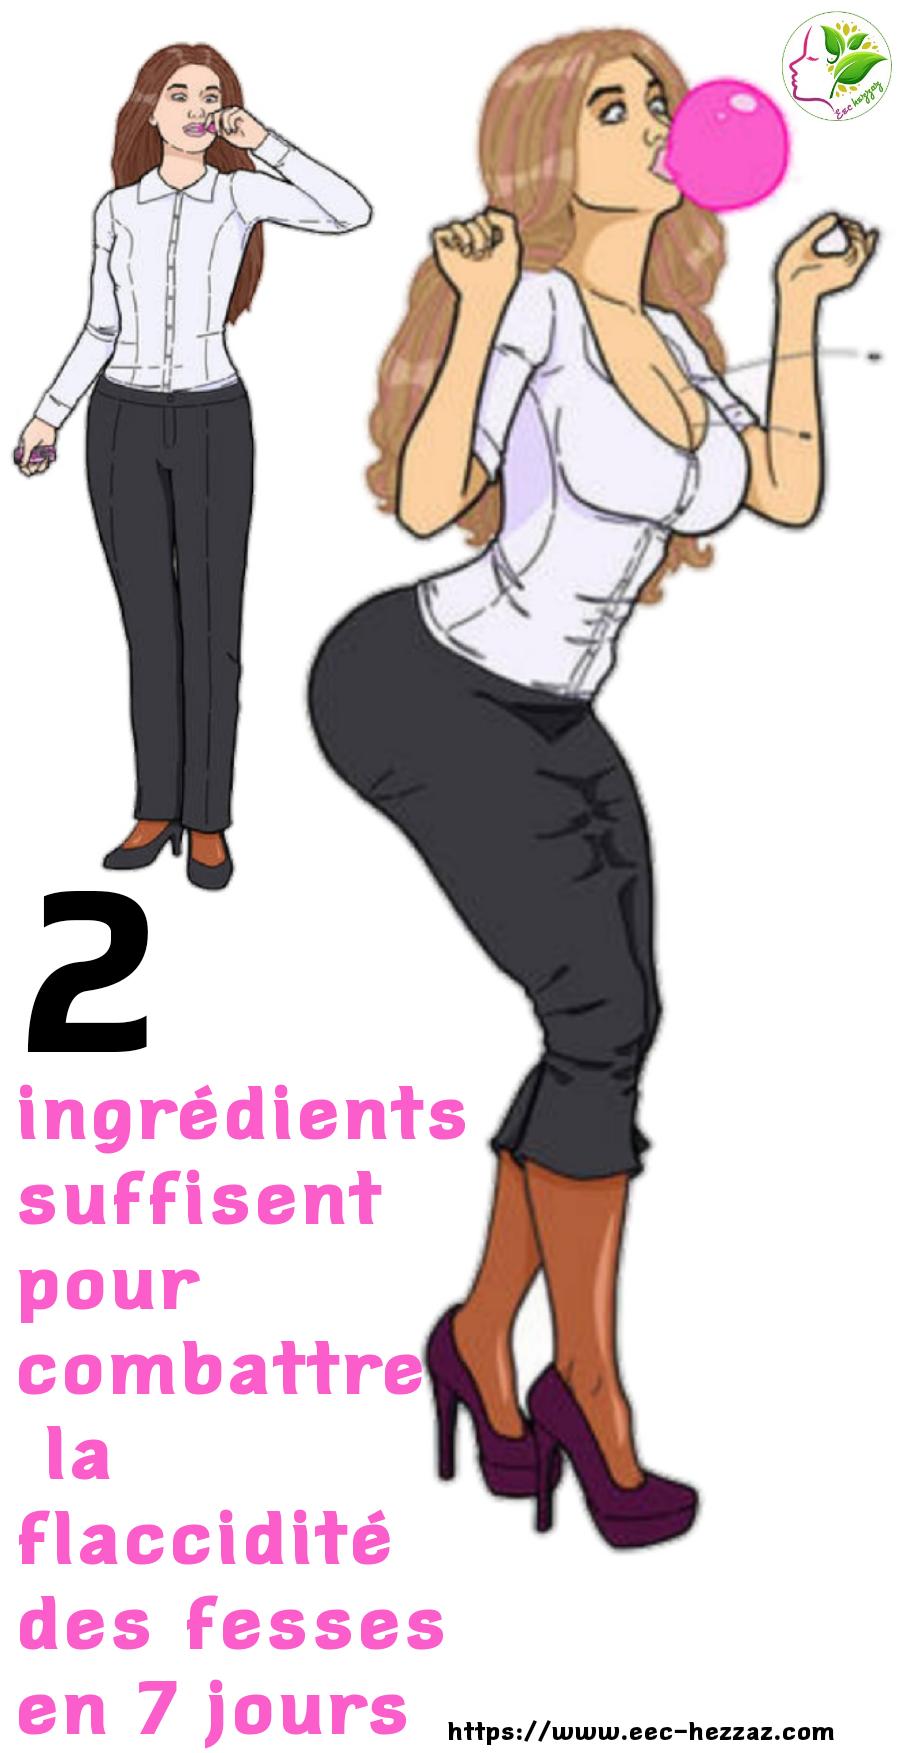 2 ingrédients suffisent pour combattre la flaccidité des fesses en 7 jours